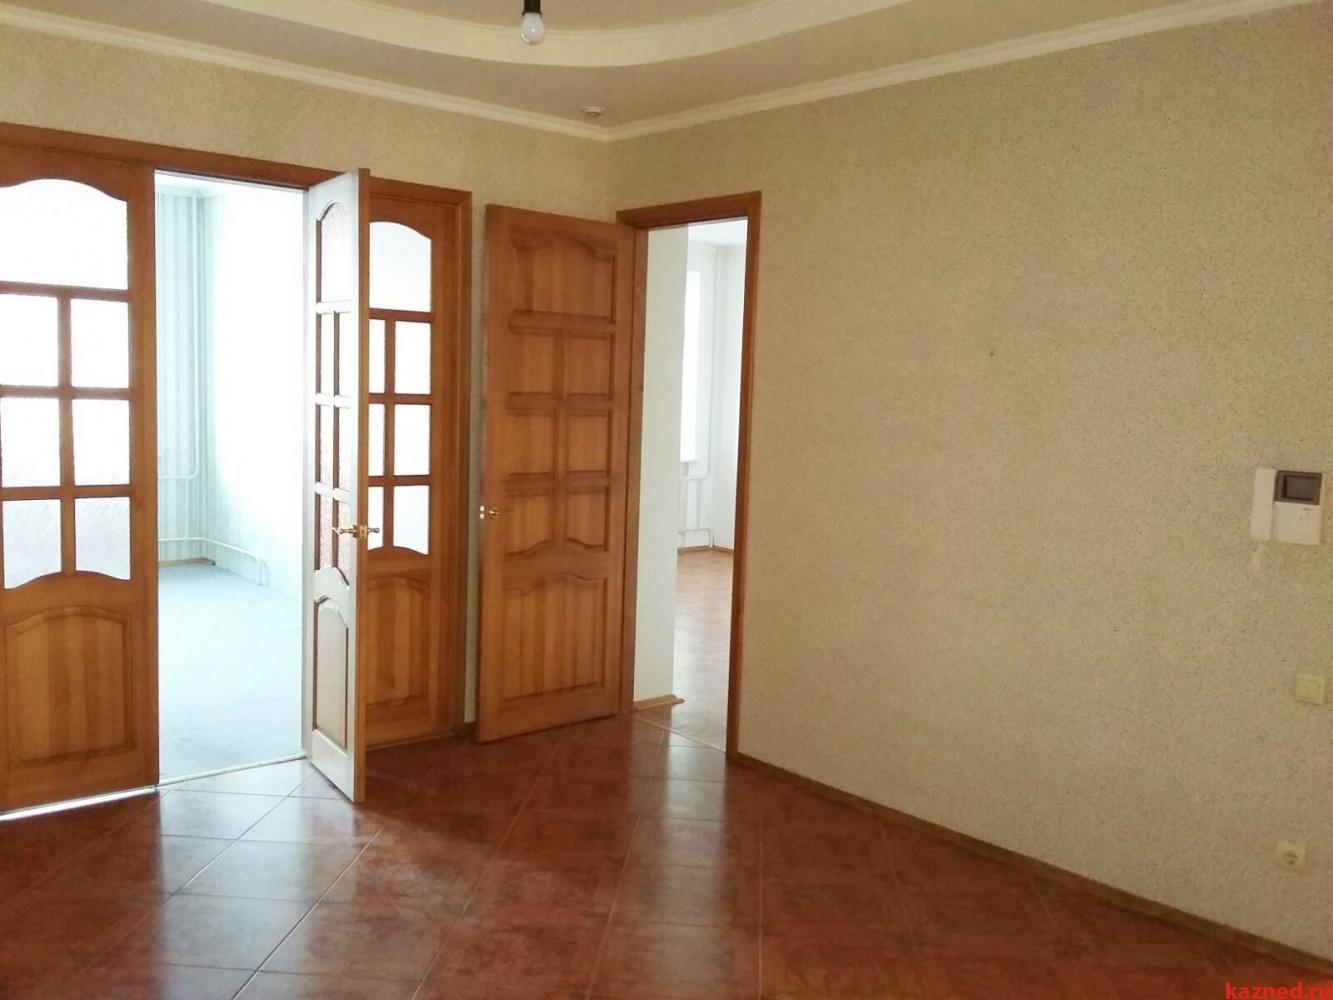 Продажа 4-к квартиры Толстого ул, 16А, 167 м2  (миниатюра №5)